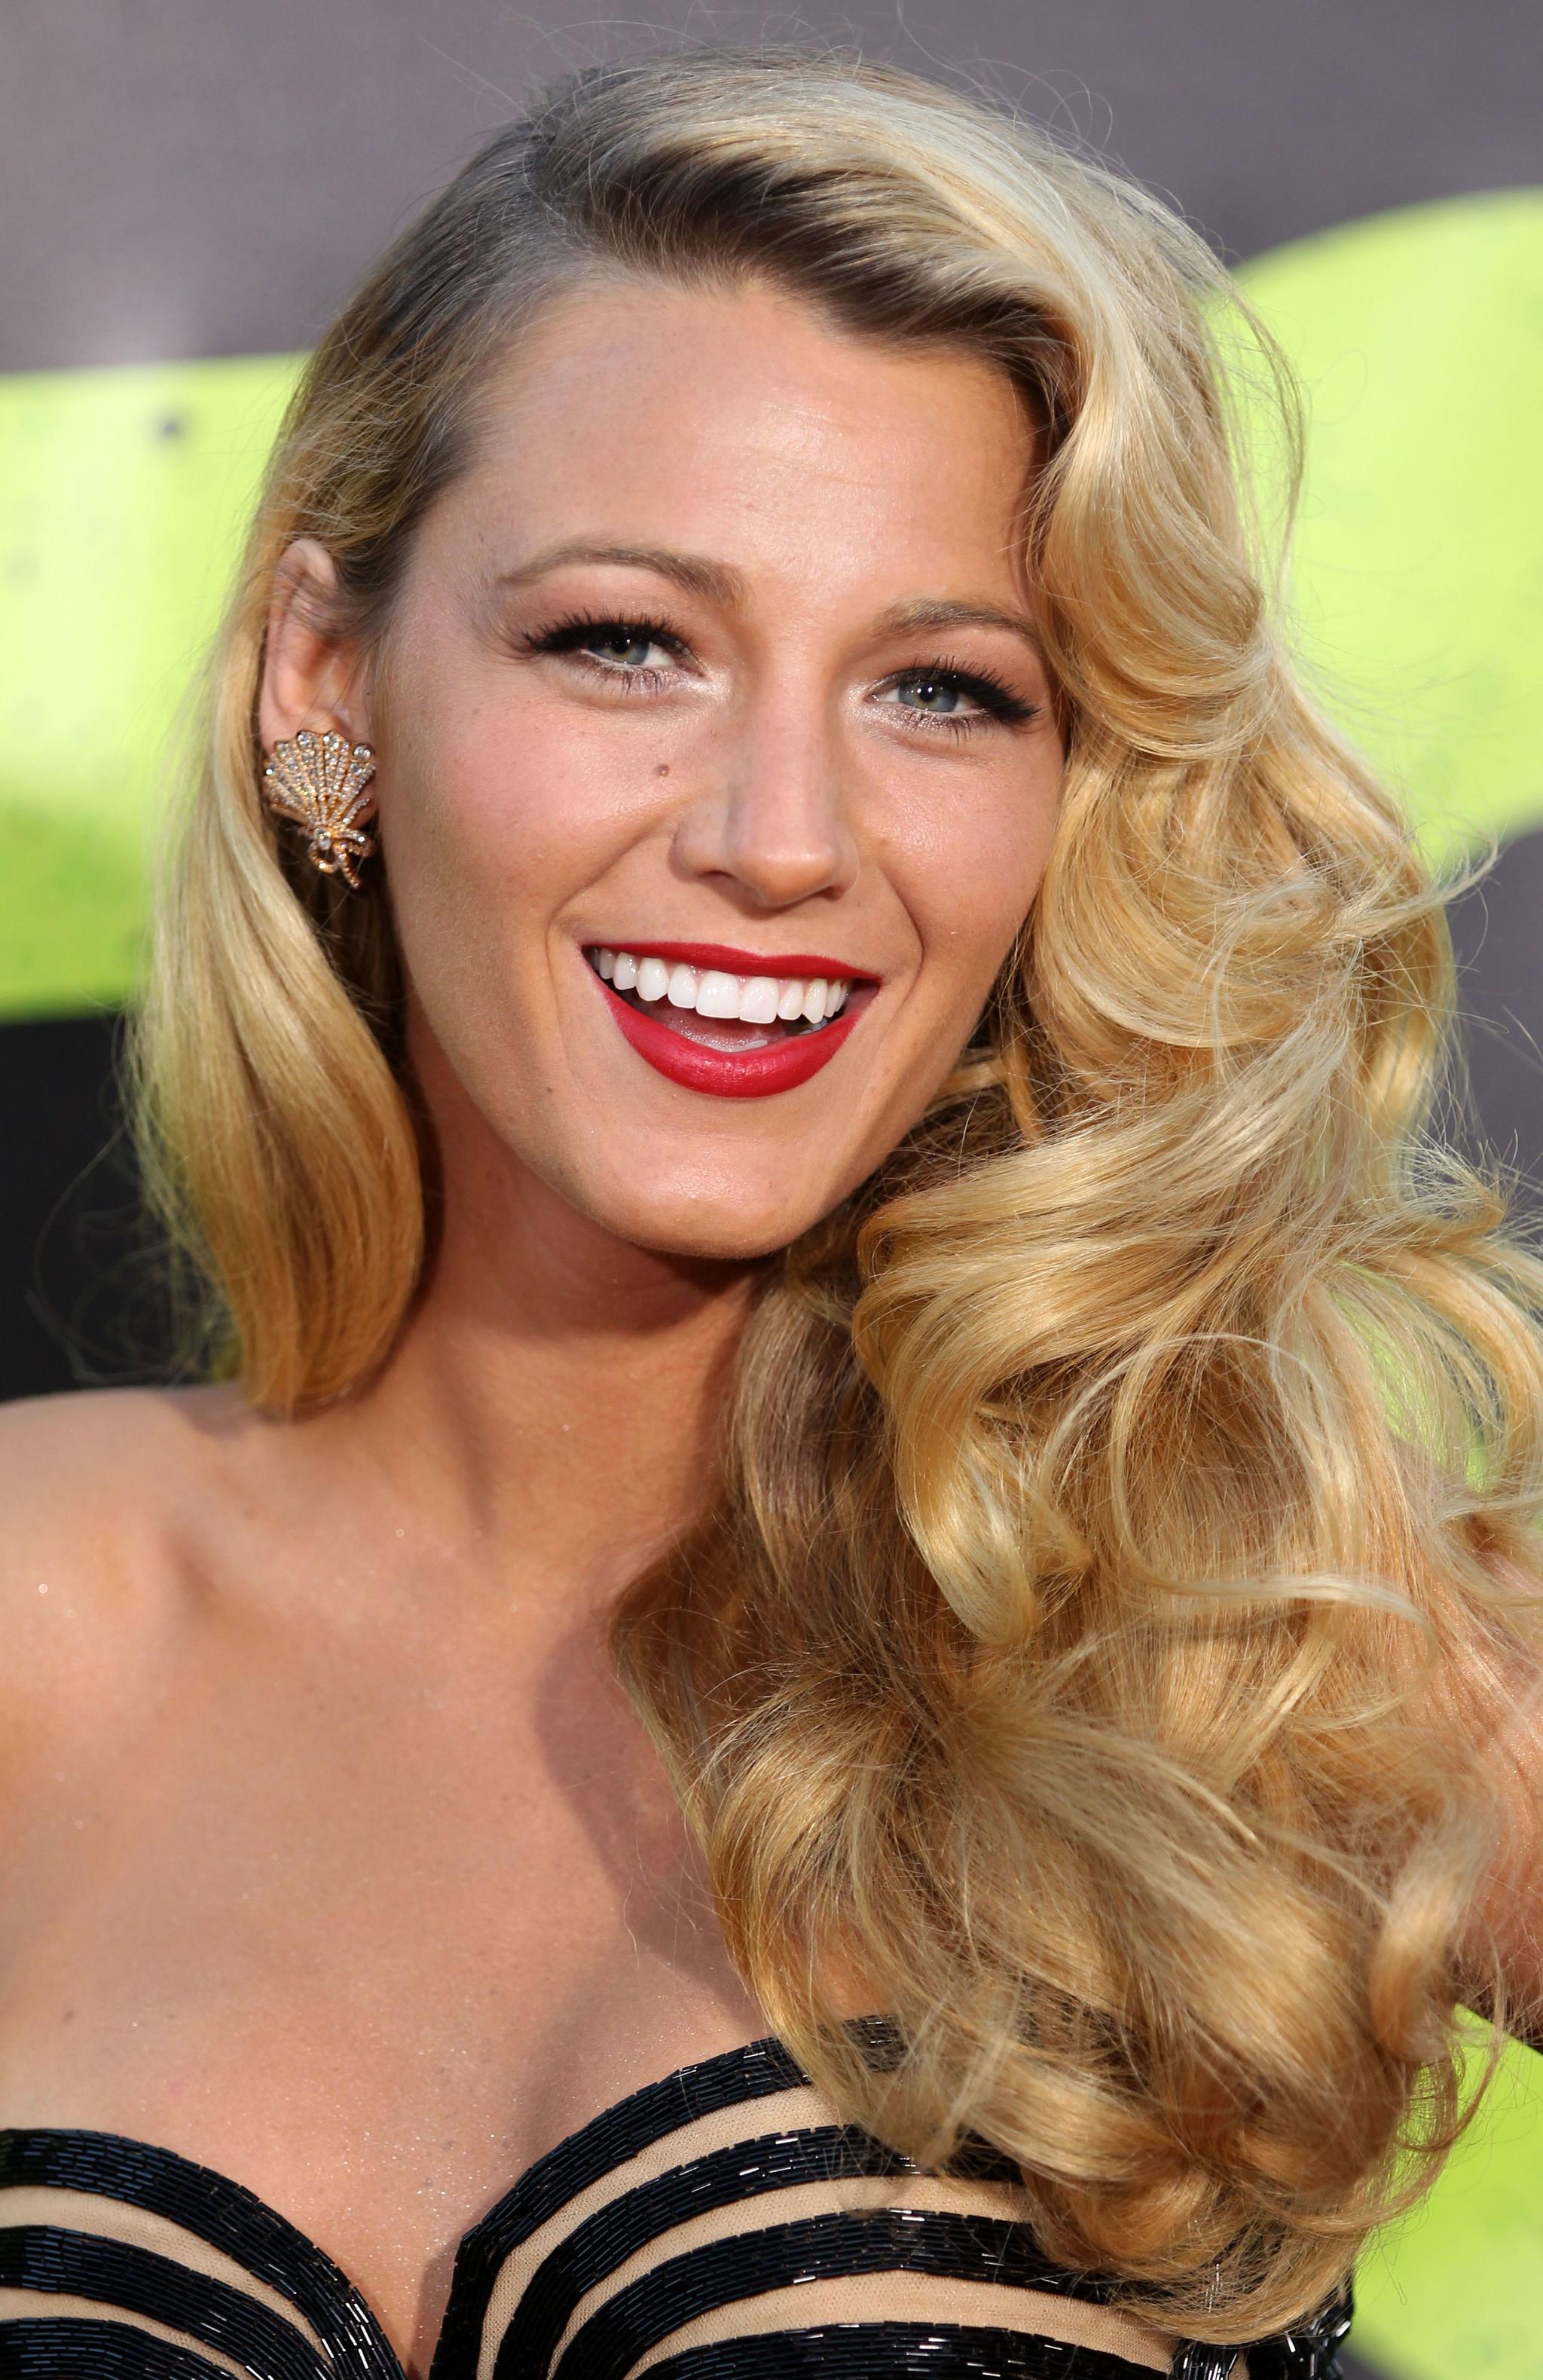 Con unas ondas de diva de Hollywood, Blake Lively nos sorprende haciendo un guiño a los looks de pelo de los años 50.